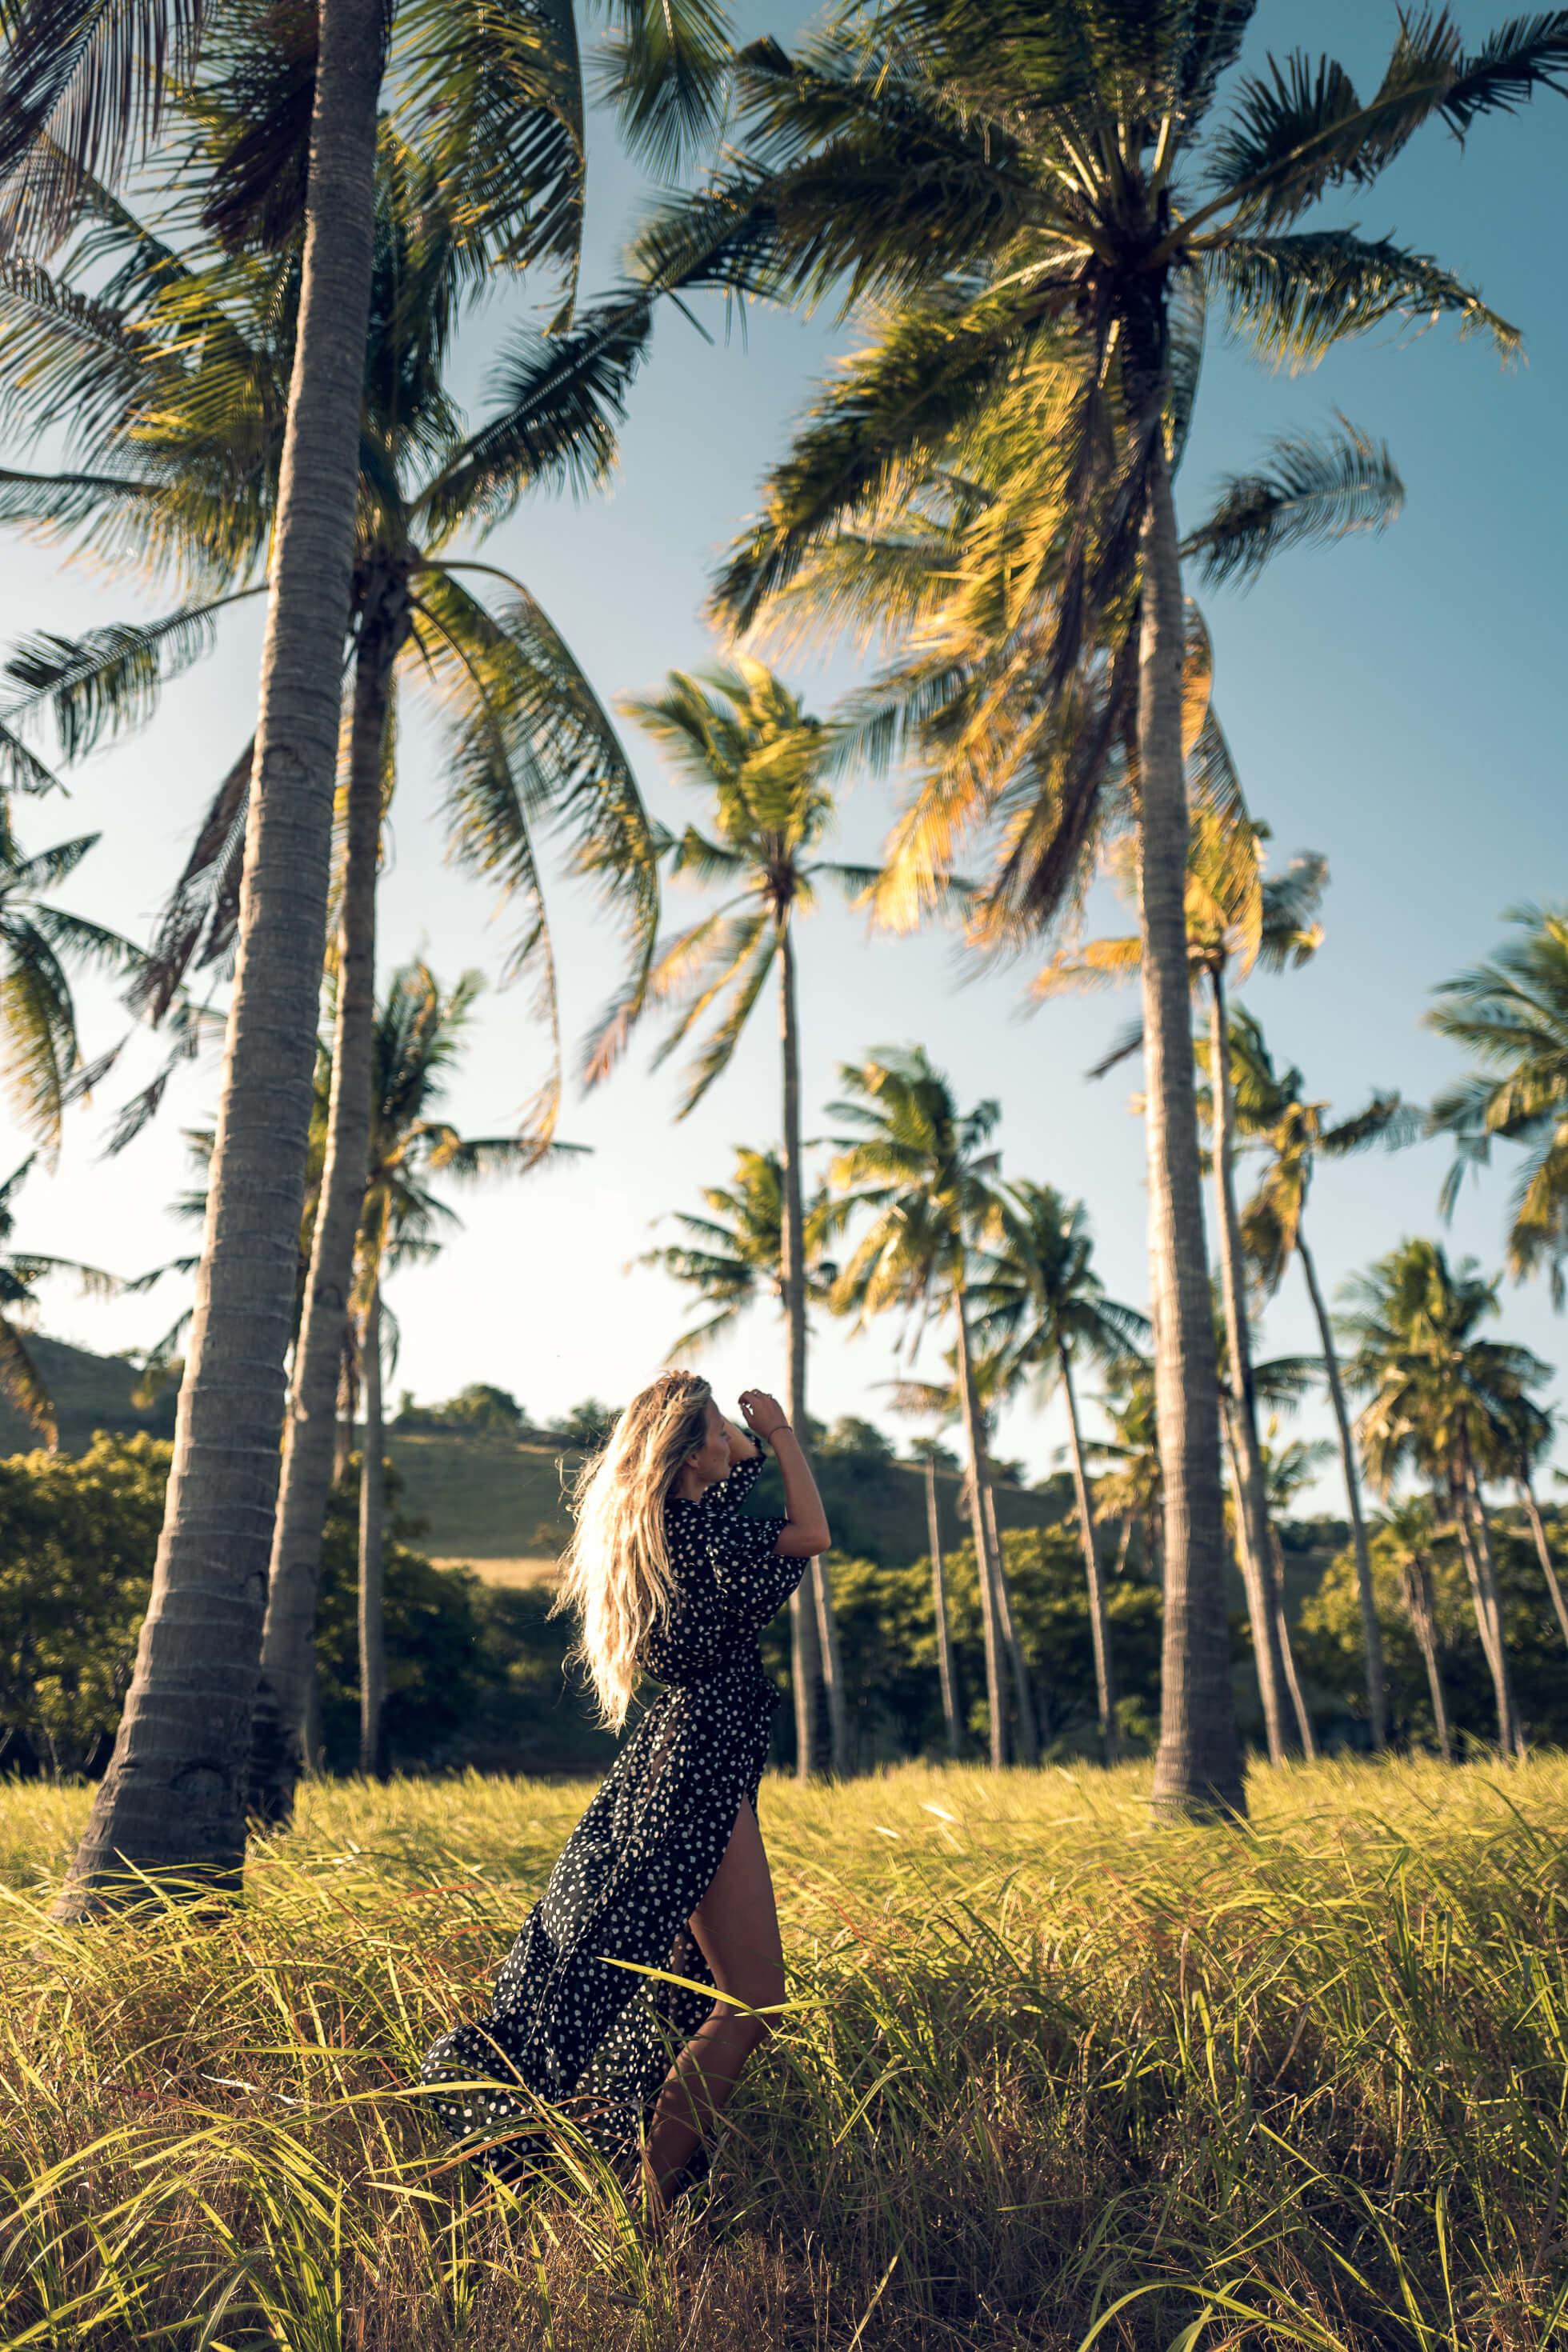 janni-deler-palm-tree-islandL1030391-Redigera-Redigera